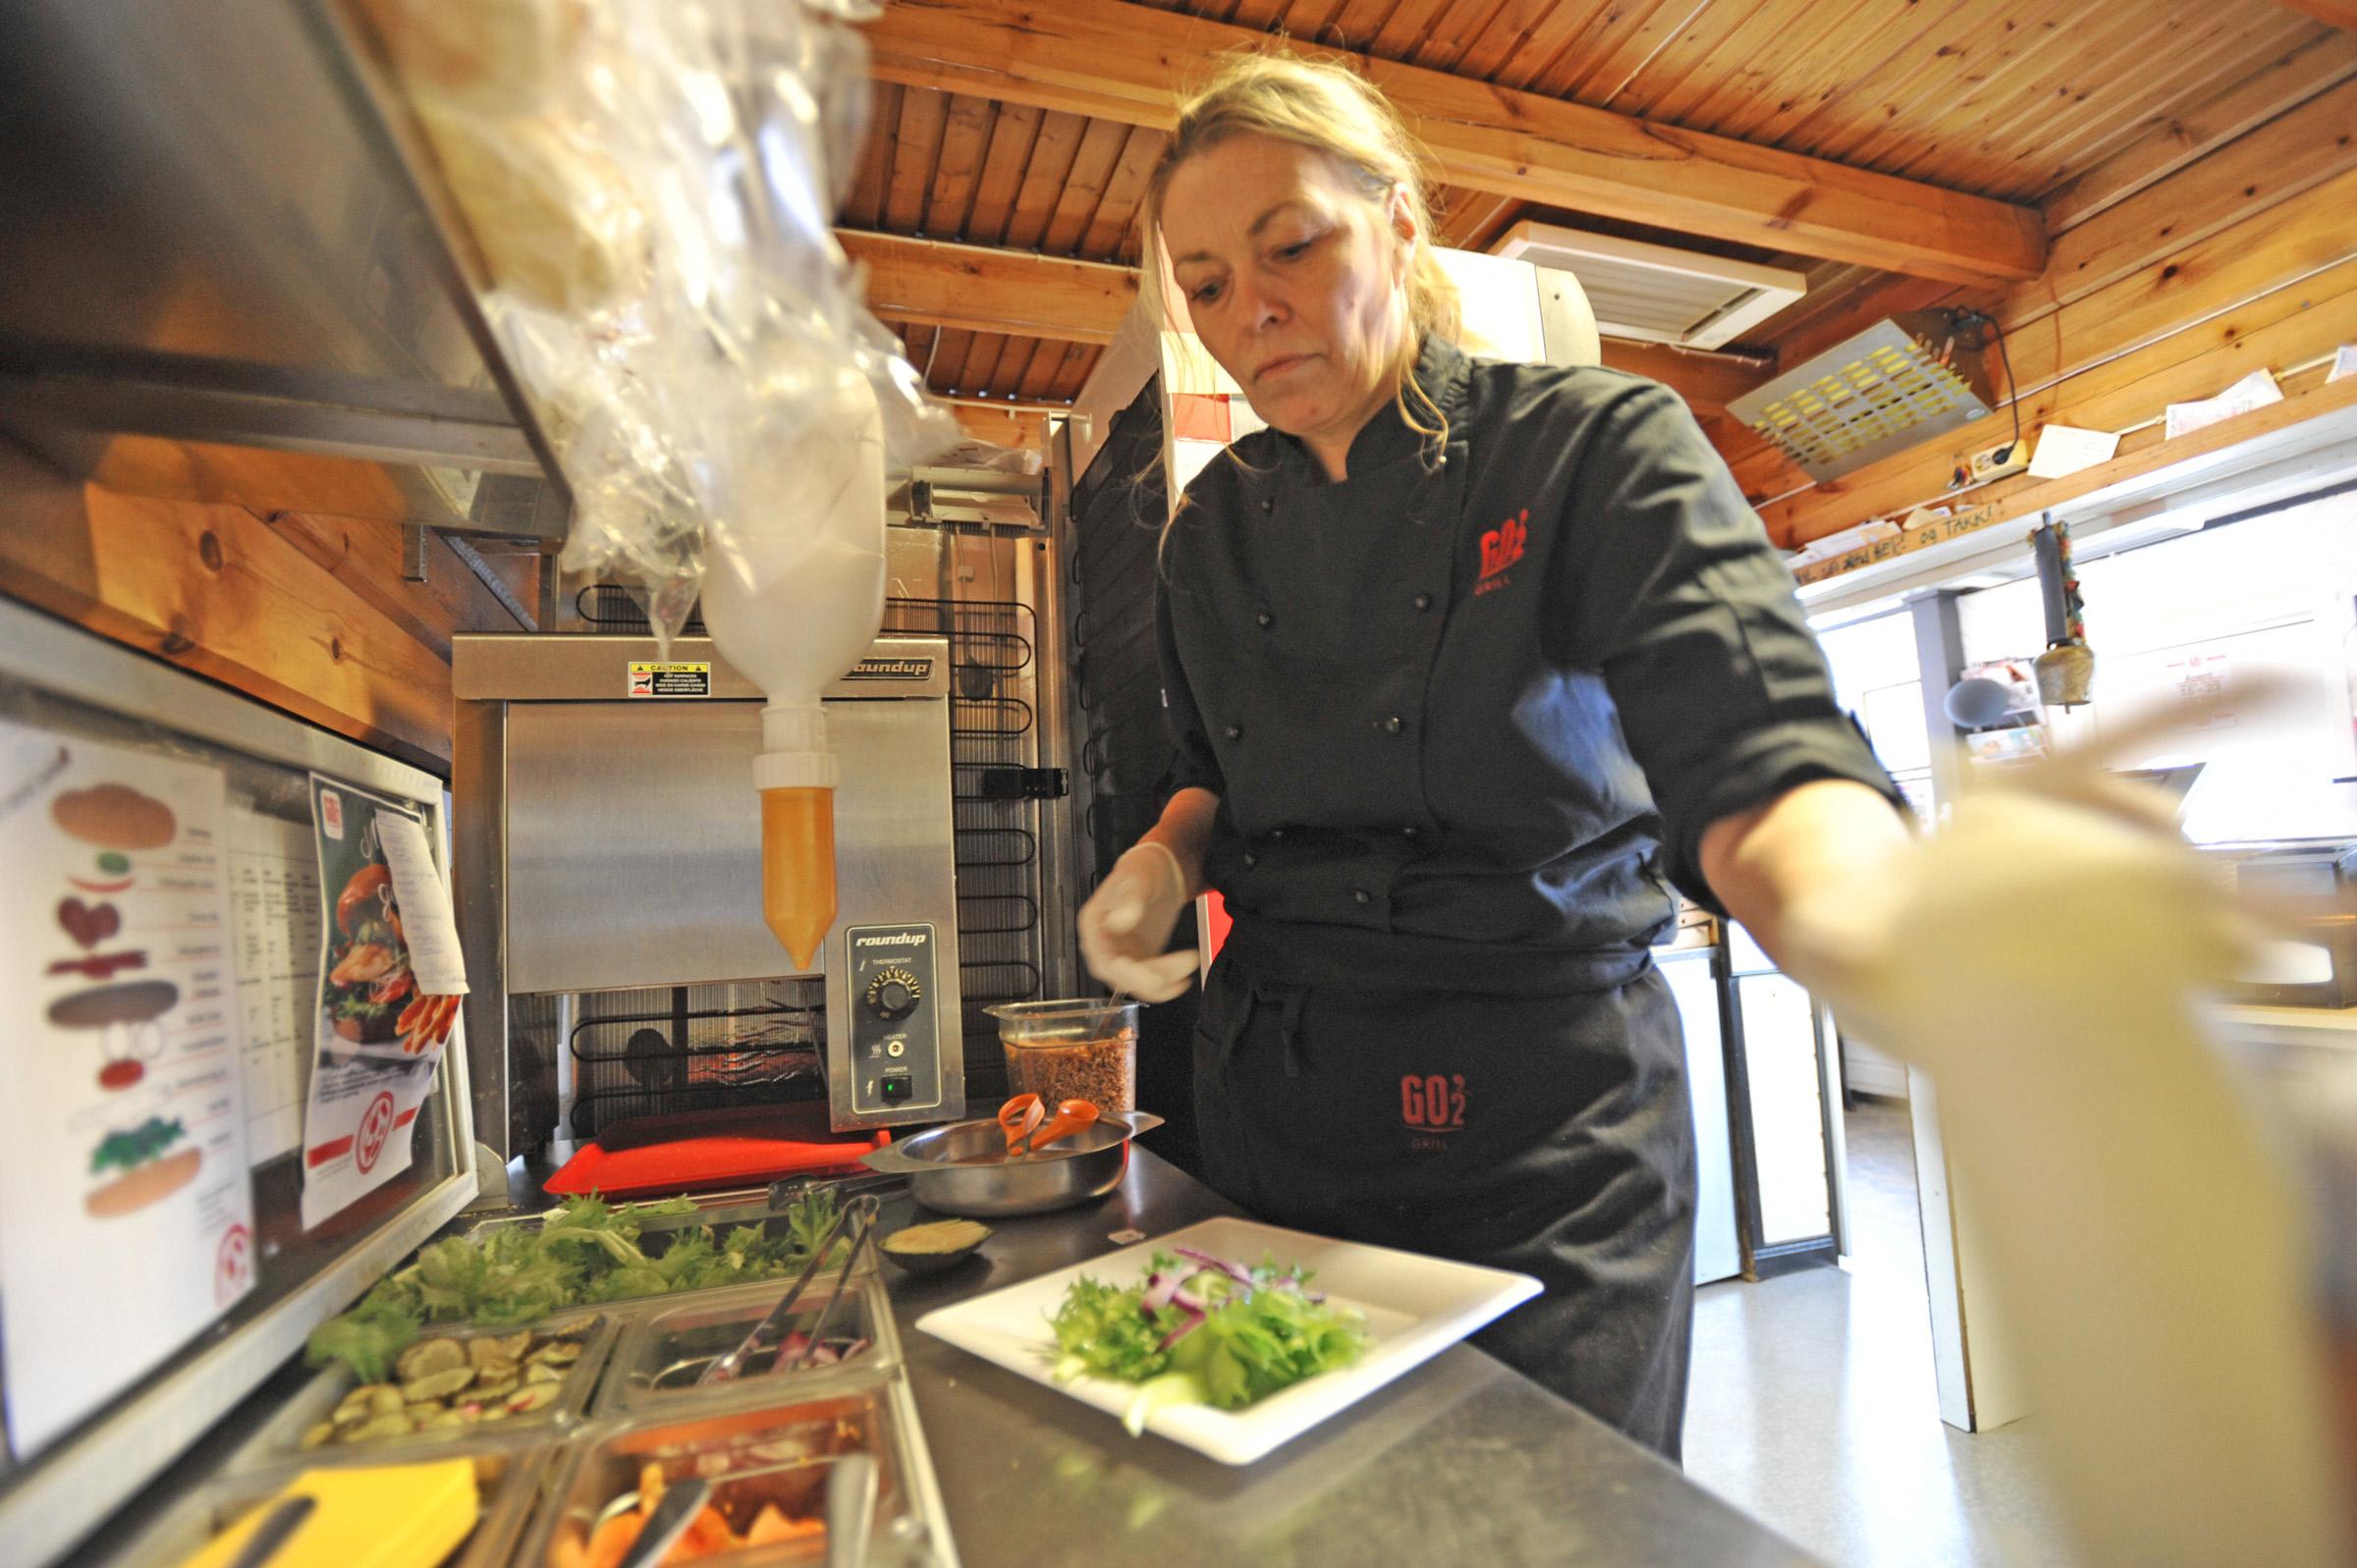 FERSKE RÅVARER: Ferske og kortreise råvarer er én av grunnene til at Patricias er Norges sunneste gatekjøkken.